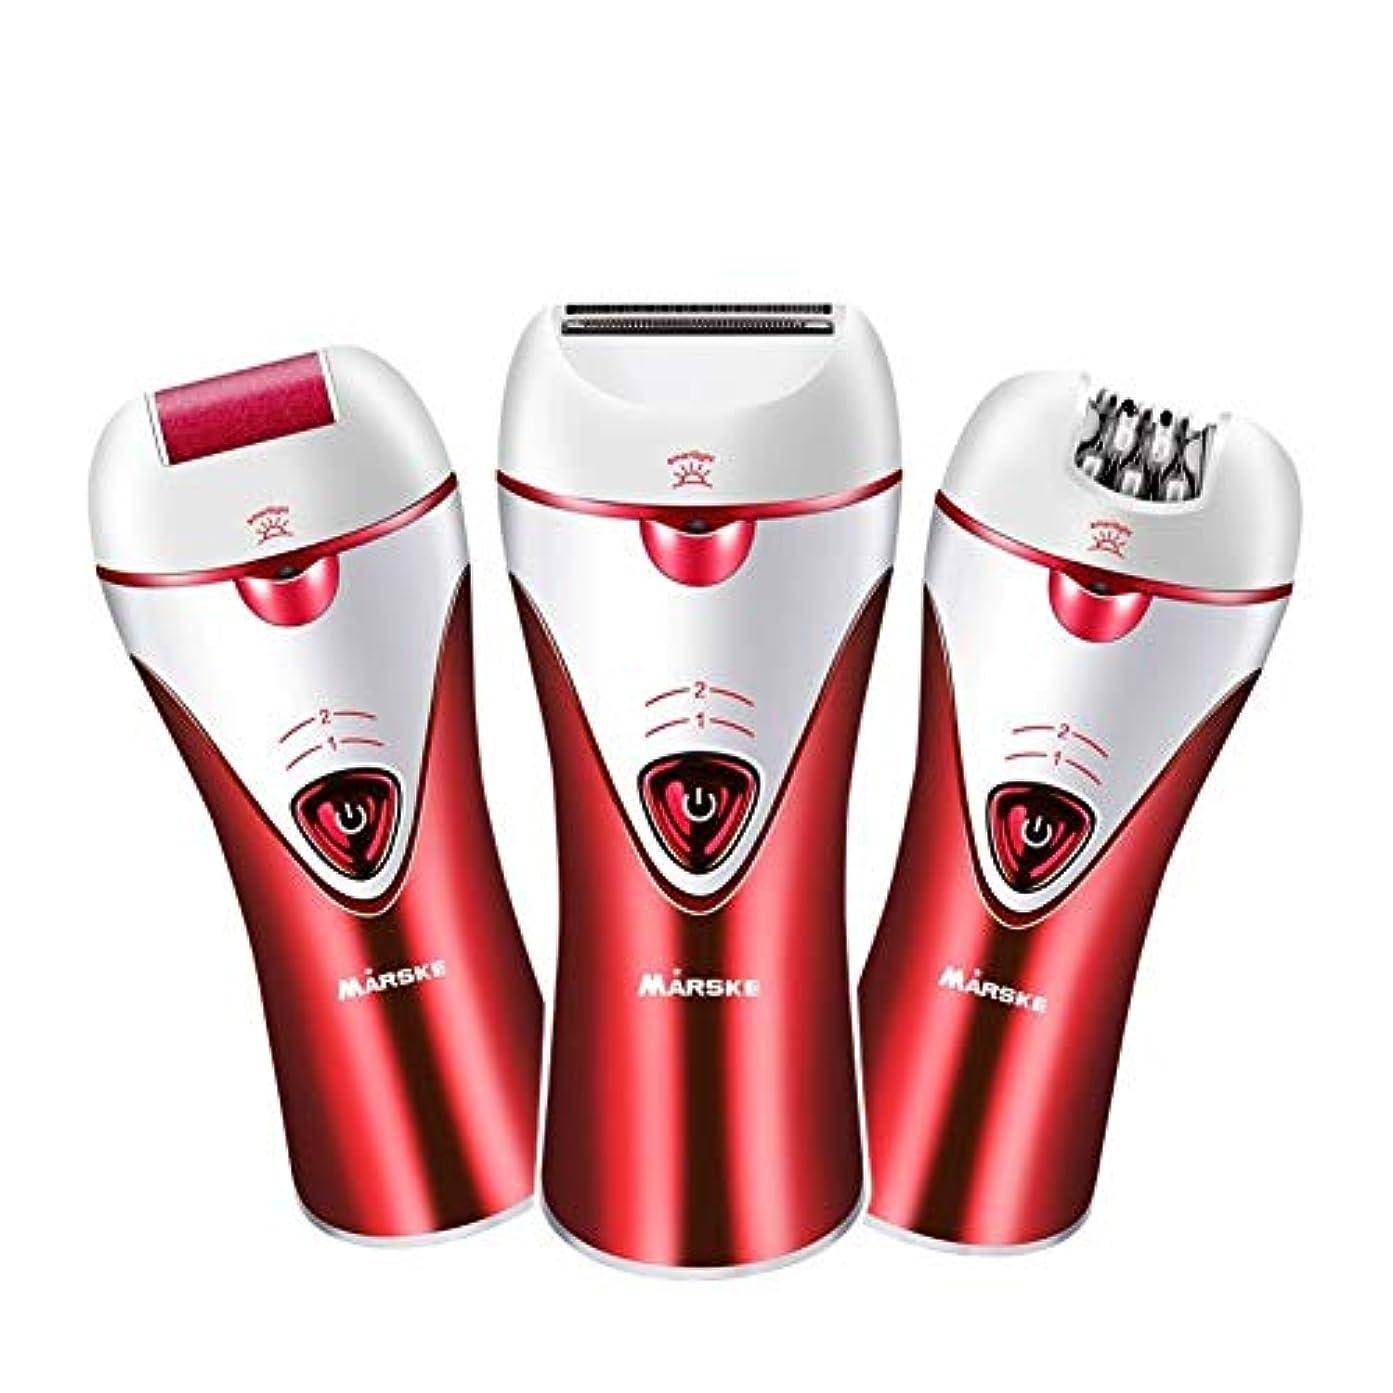 現れるチーズ強度Trliy- 充電式電動脱毛器、女性のための痛みのない快適さスキンケア脱毛ツール浴室ウェットとドライ脱毛器 (Color : Red)